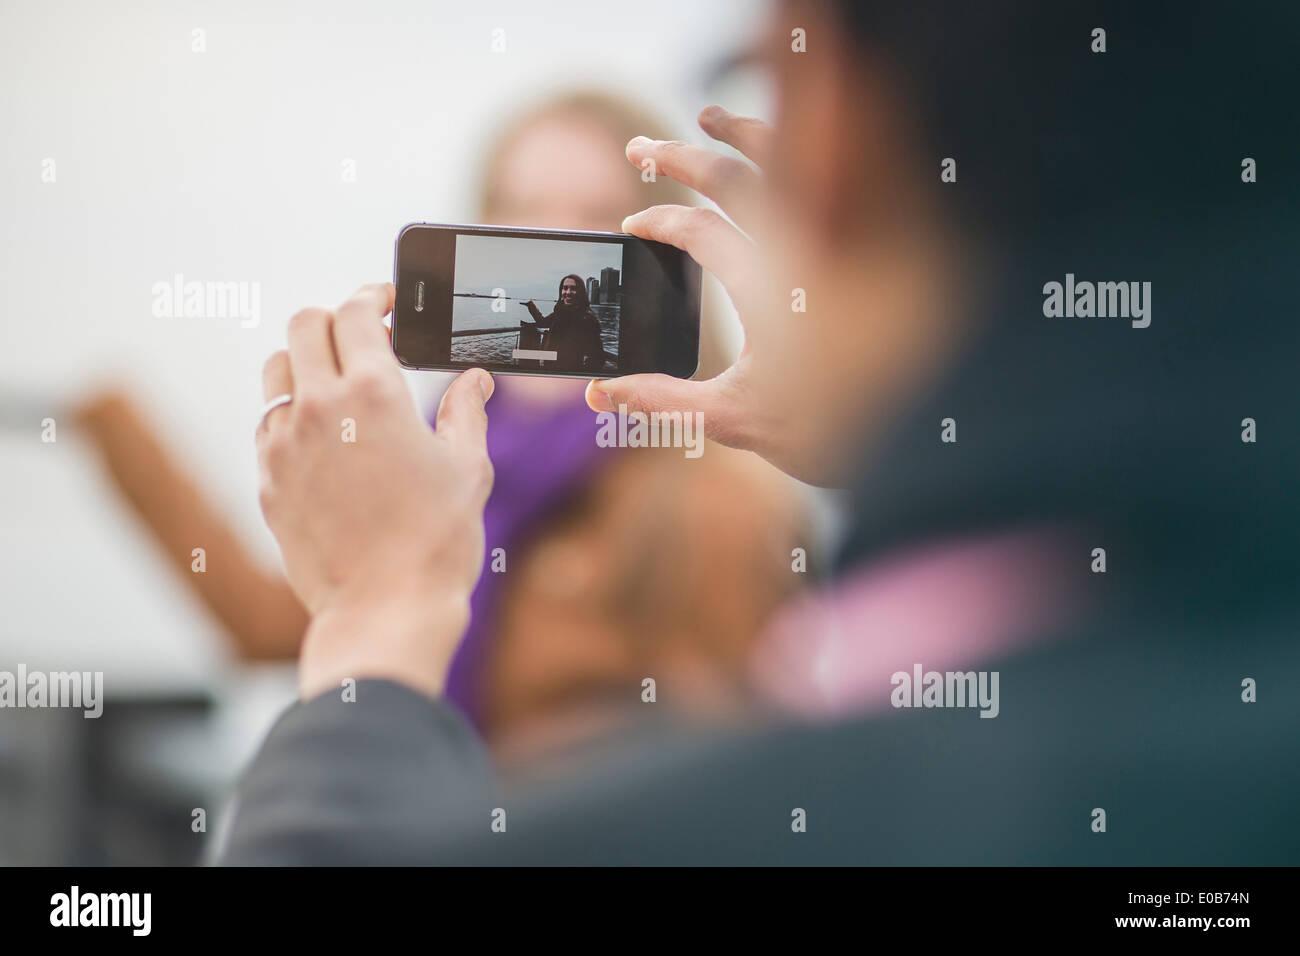 Chiusura del giovane di fotografare la ragazza sul telefono con fotocamera Immagini Stock